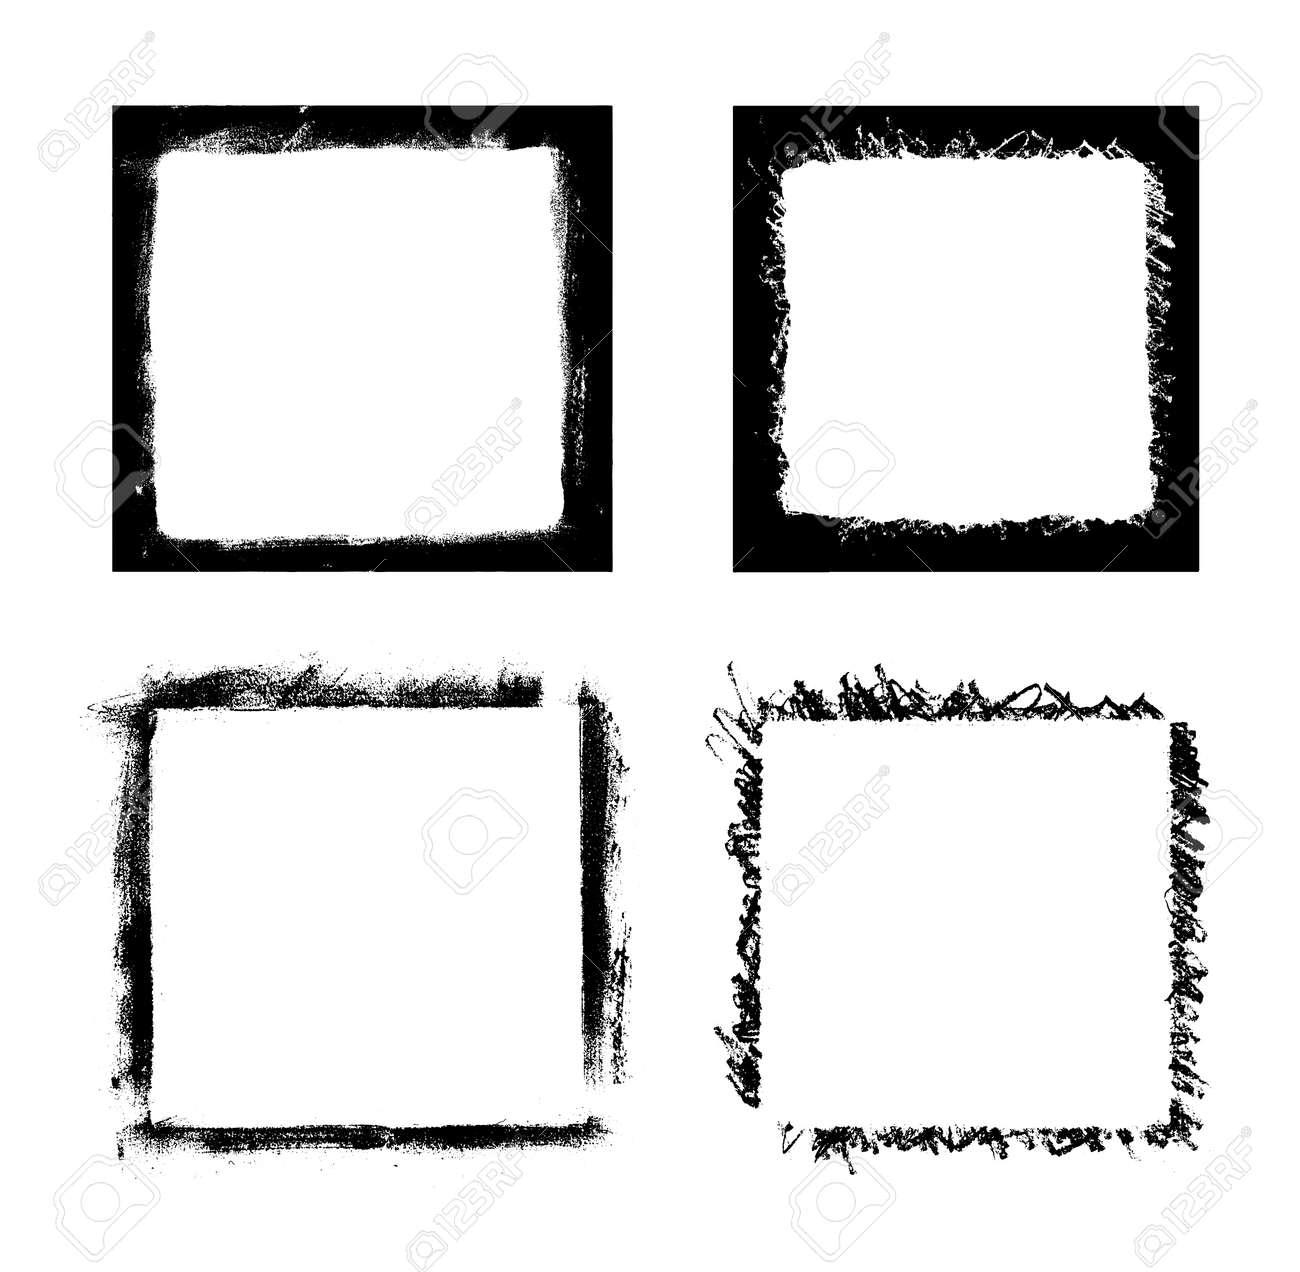 Schwarze Farbe Distressed Rahmen Overlay-Textur. Tintenflecken Auf ...